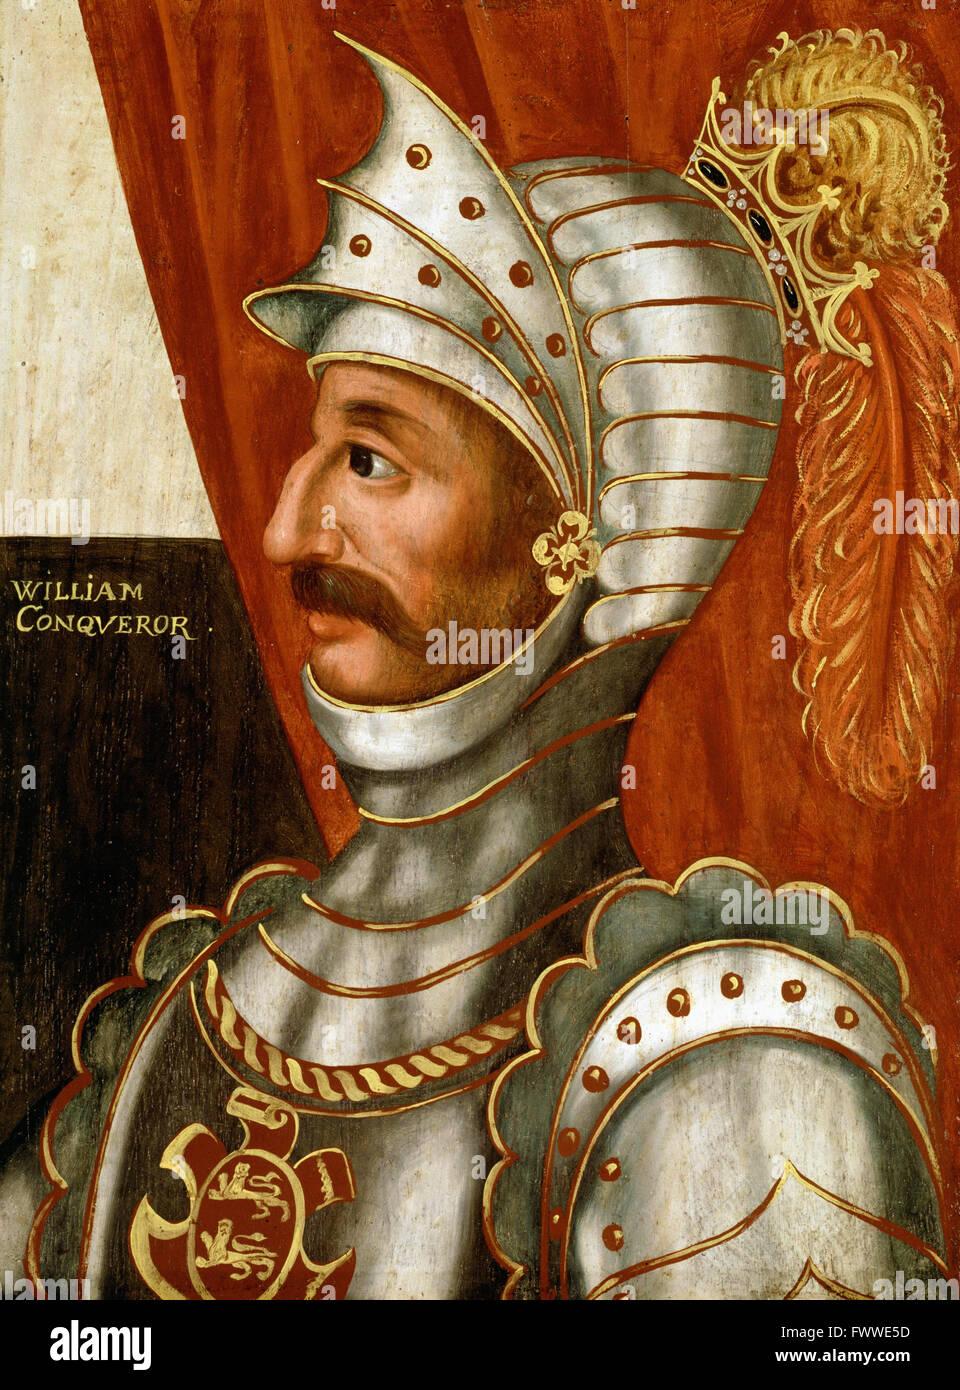 British - William the Conqueror - Stock Image